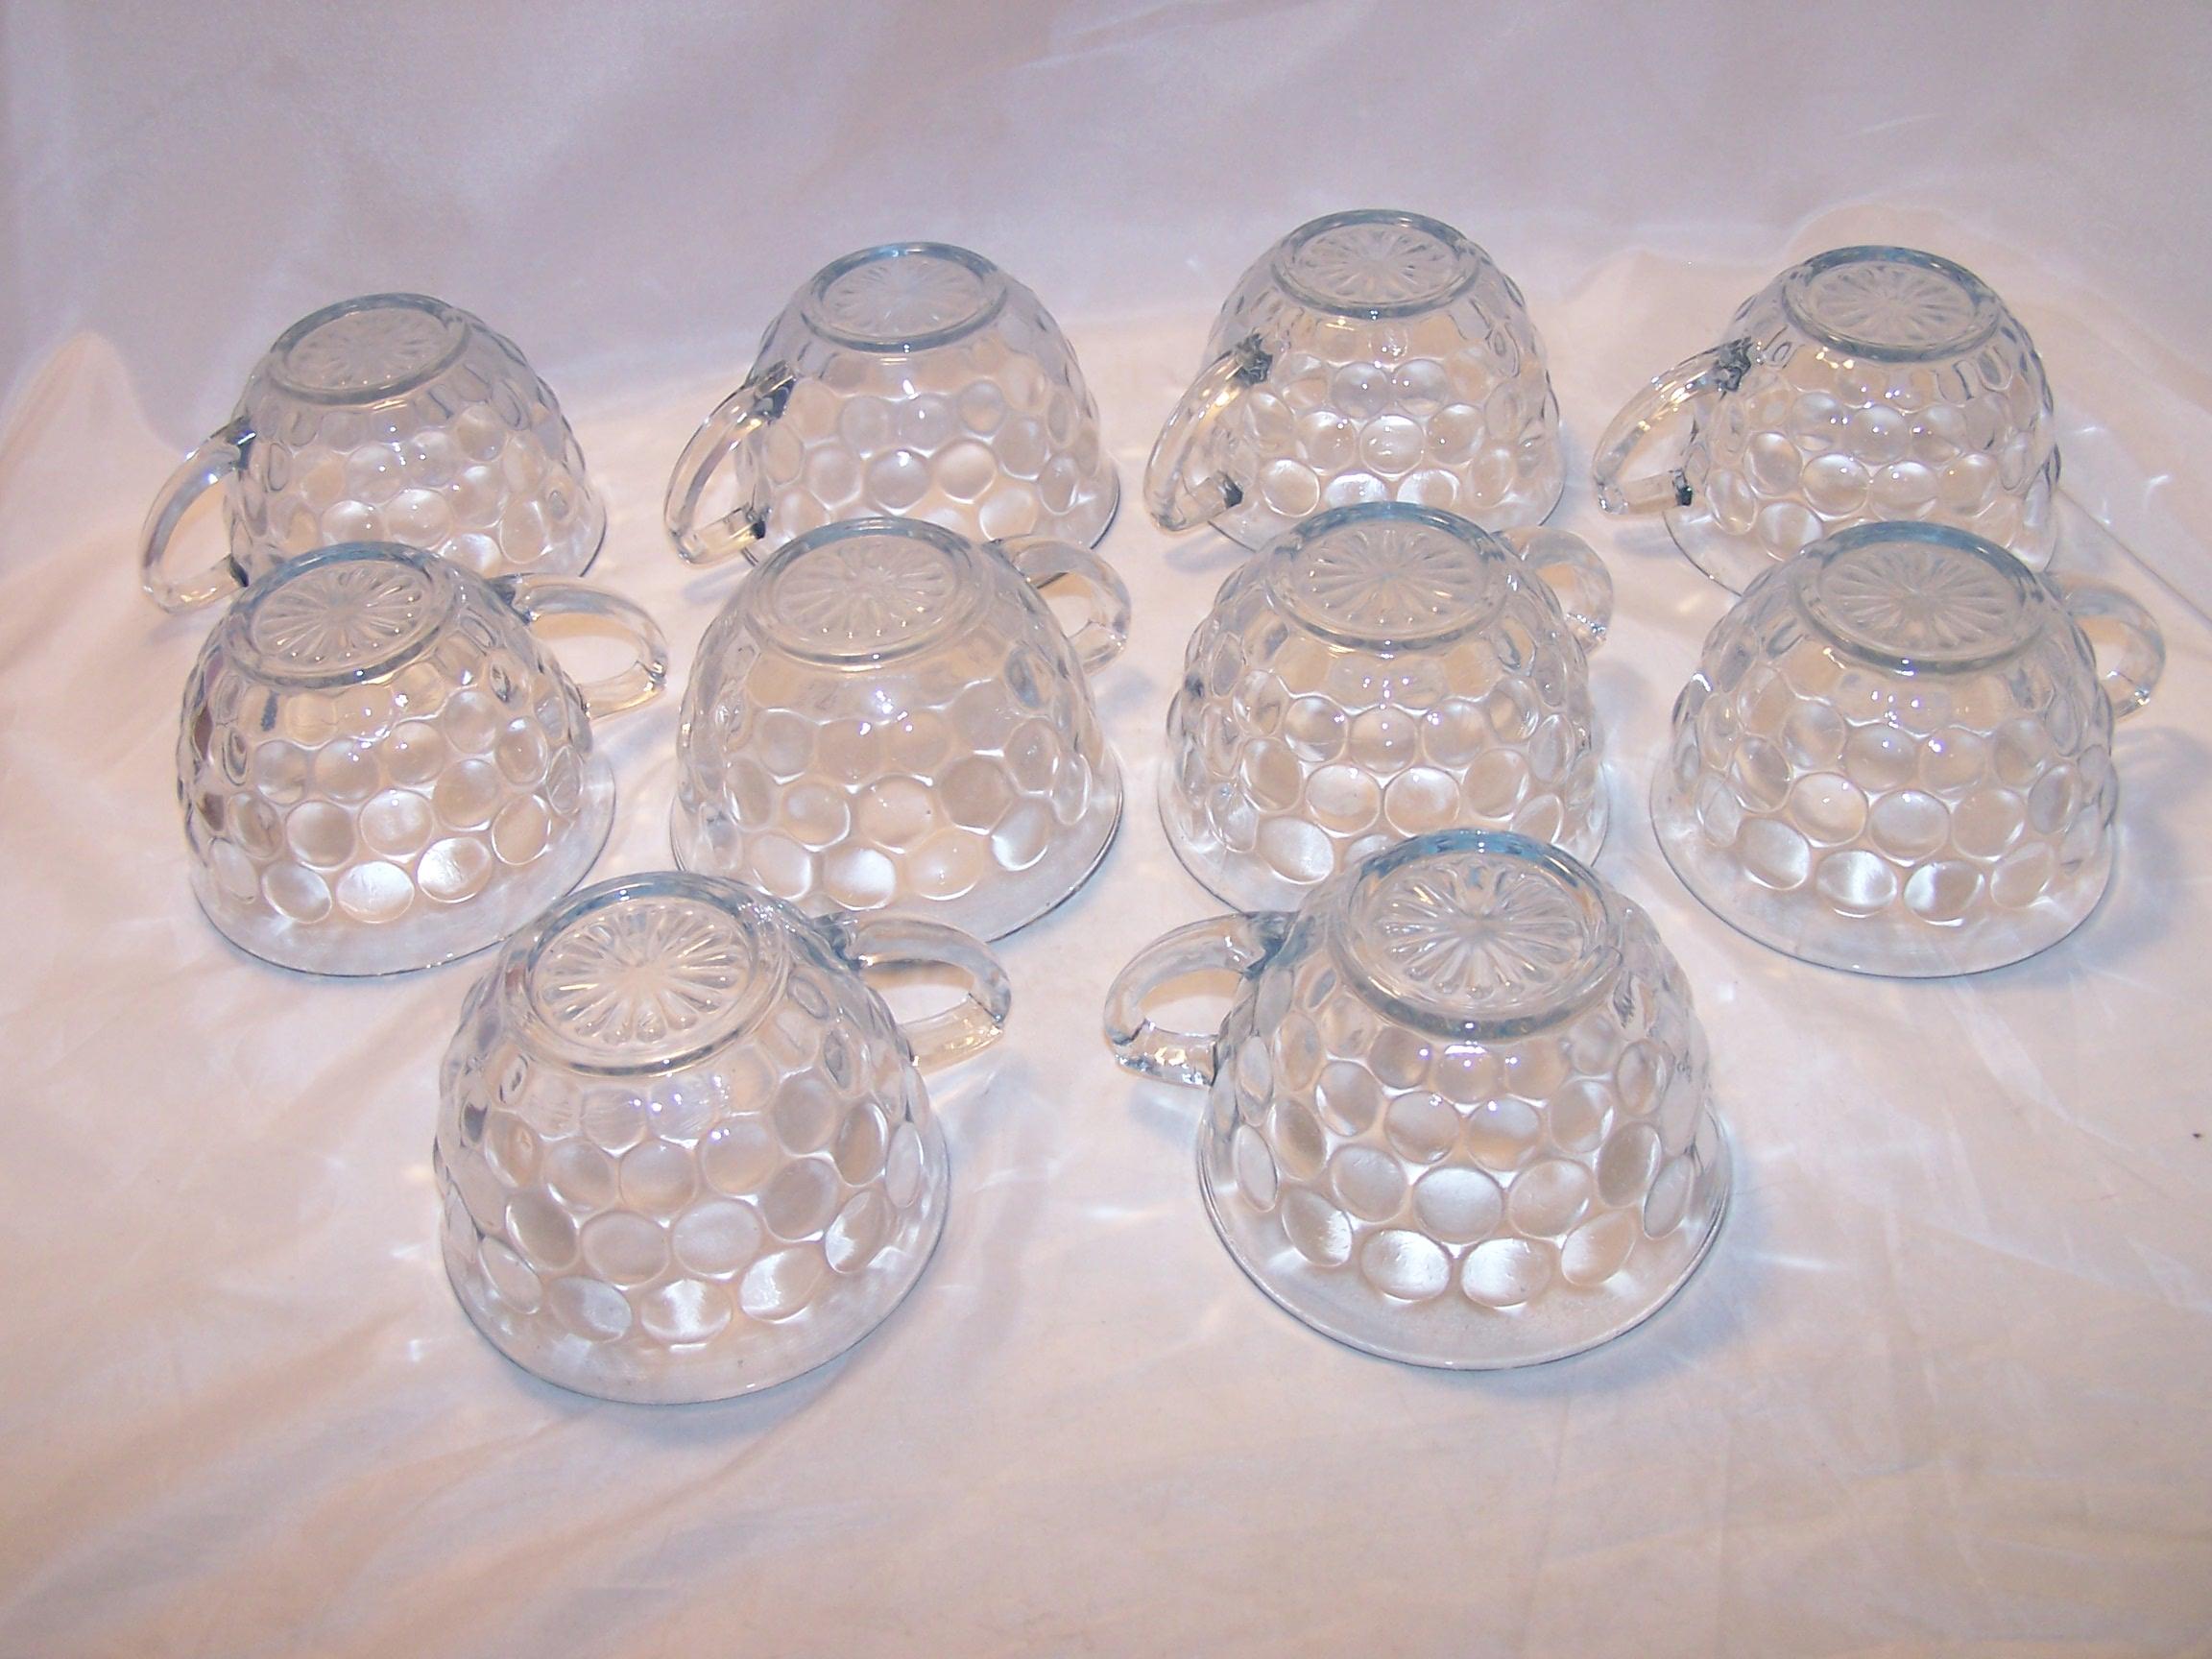 Image 4 of Hobnail Glass Teacup, Saucer Service for 10, Vintage